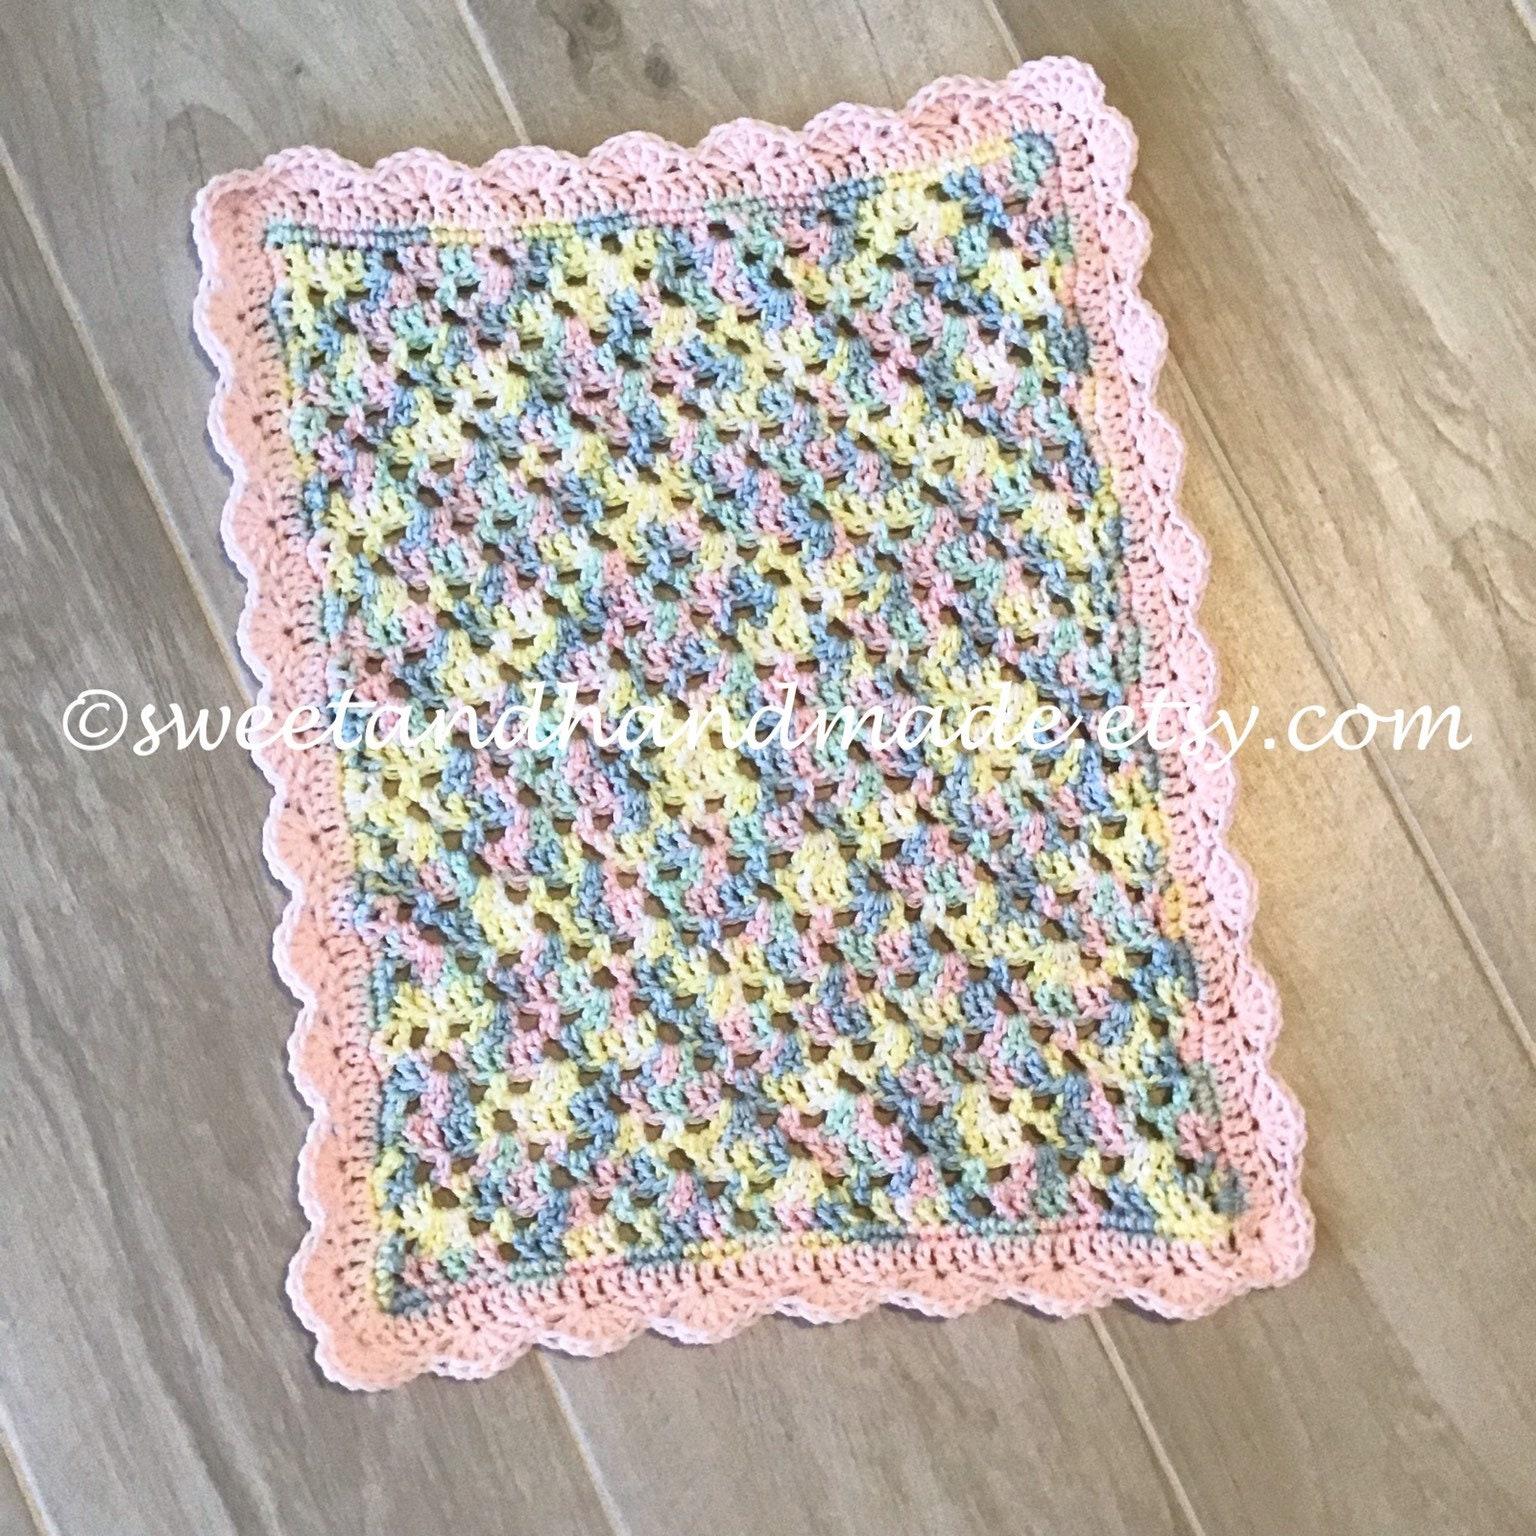 Doll Blanket Crochet Doll Blanket Pink Doll Blanket Handmade Etsy